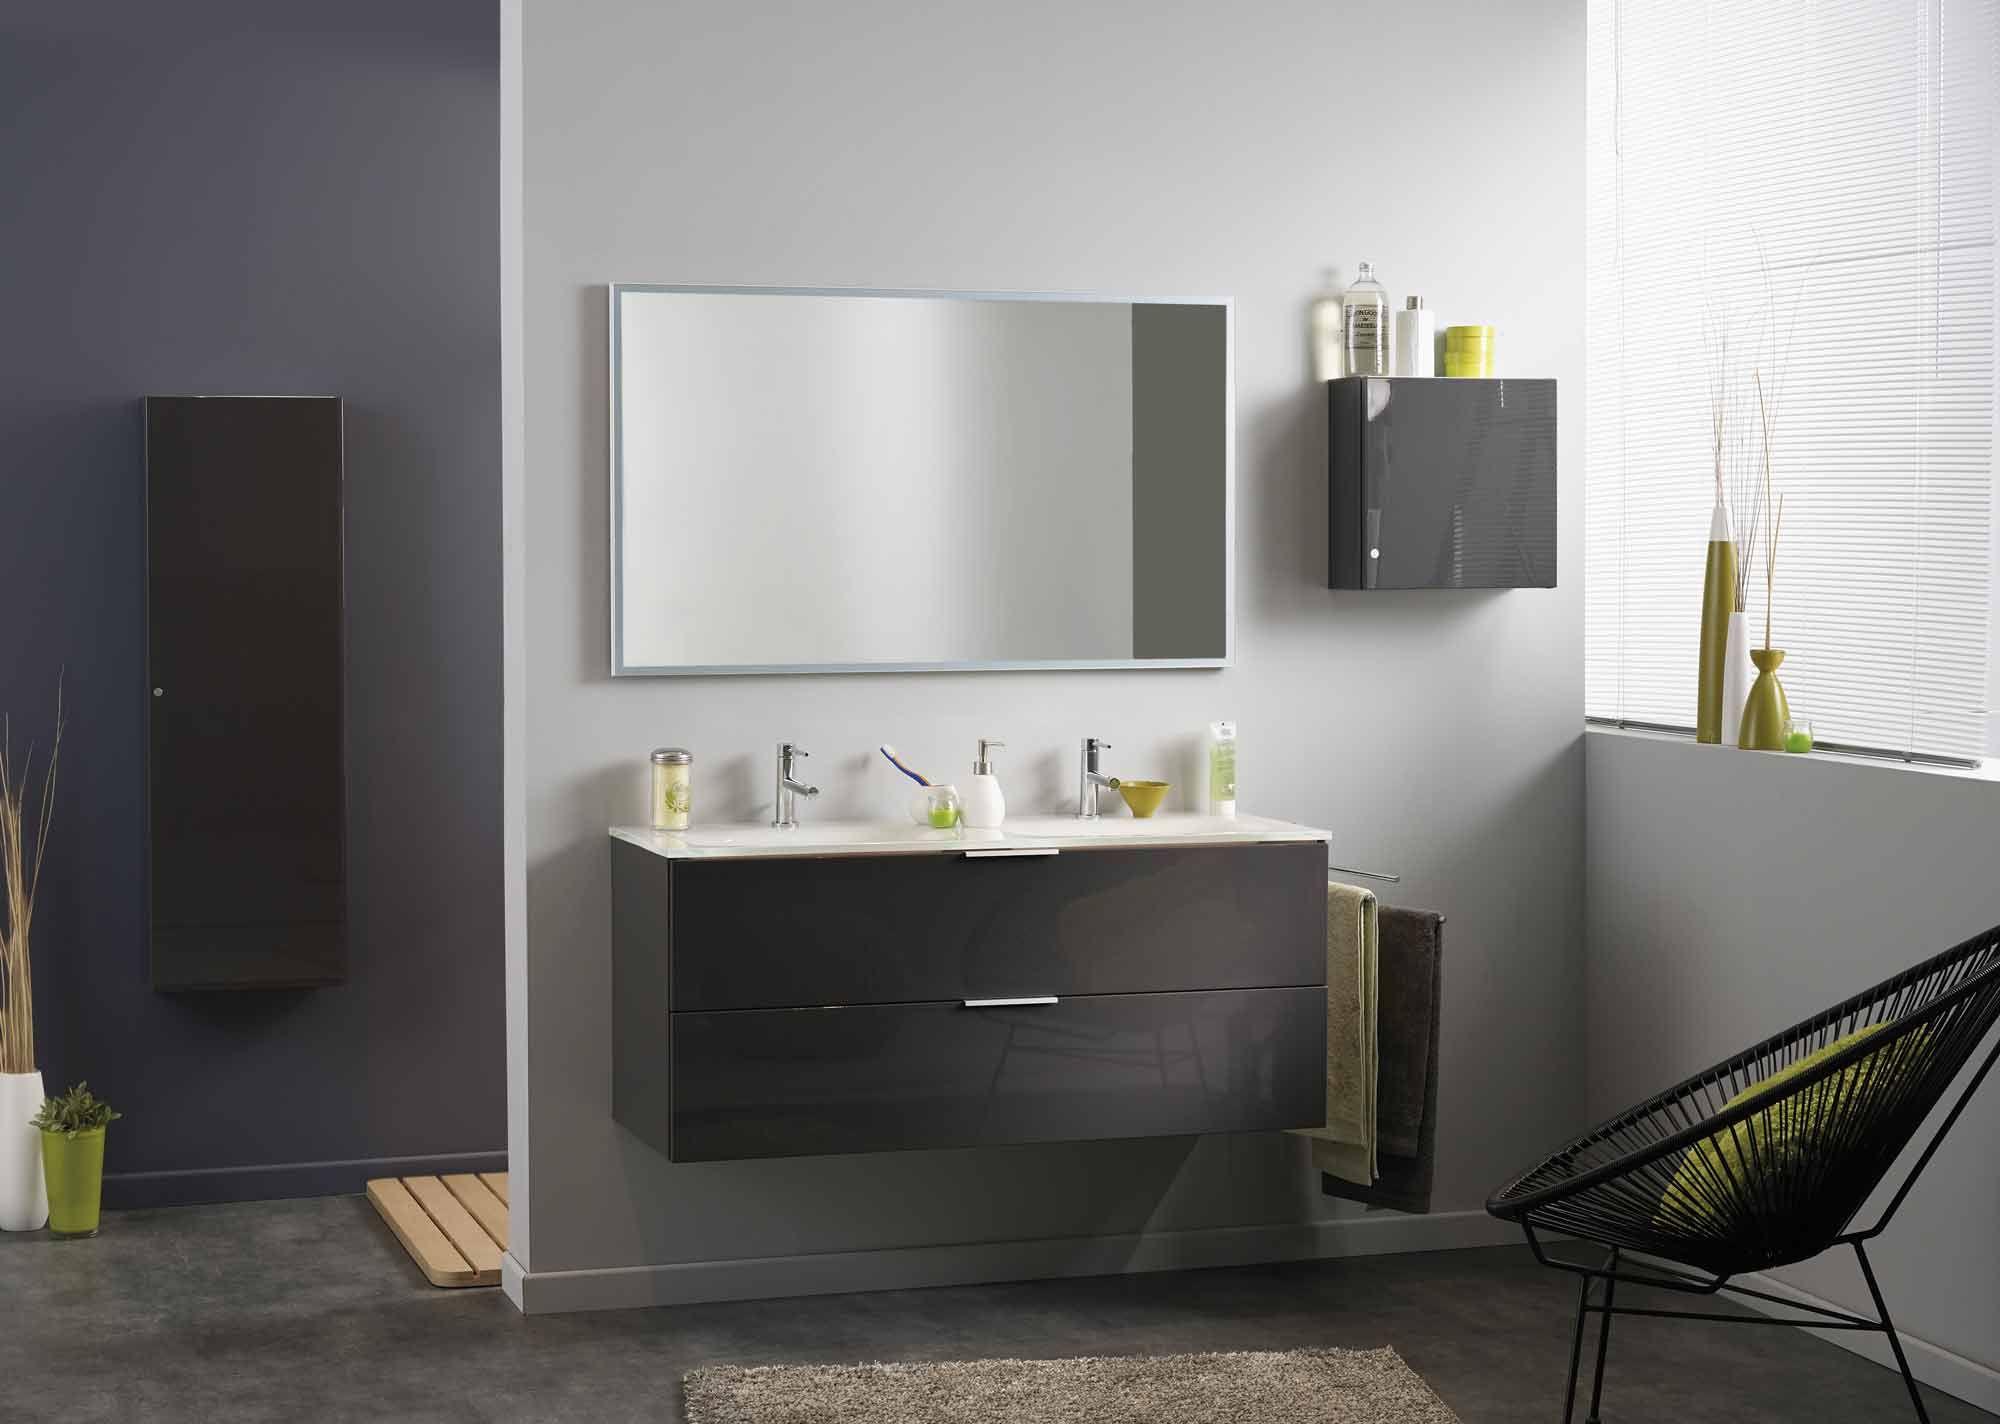 luxy armoire murale de salle de bains grise d coration. Black Bedroom Furniture Sets. Home Design Ideas